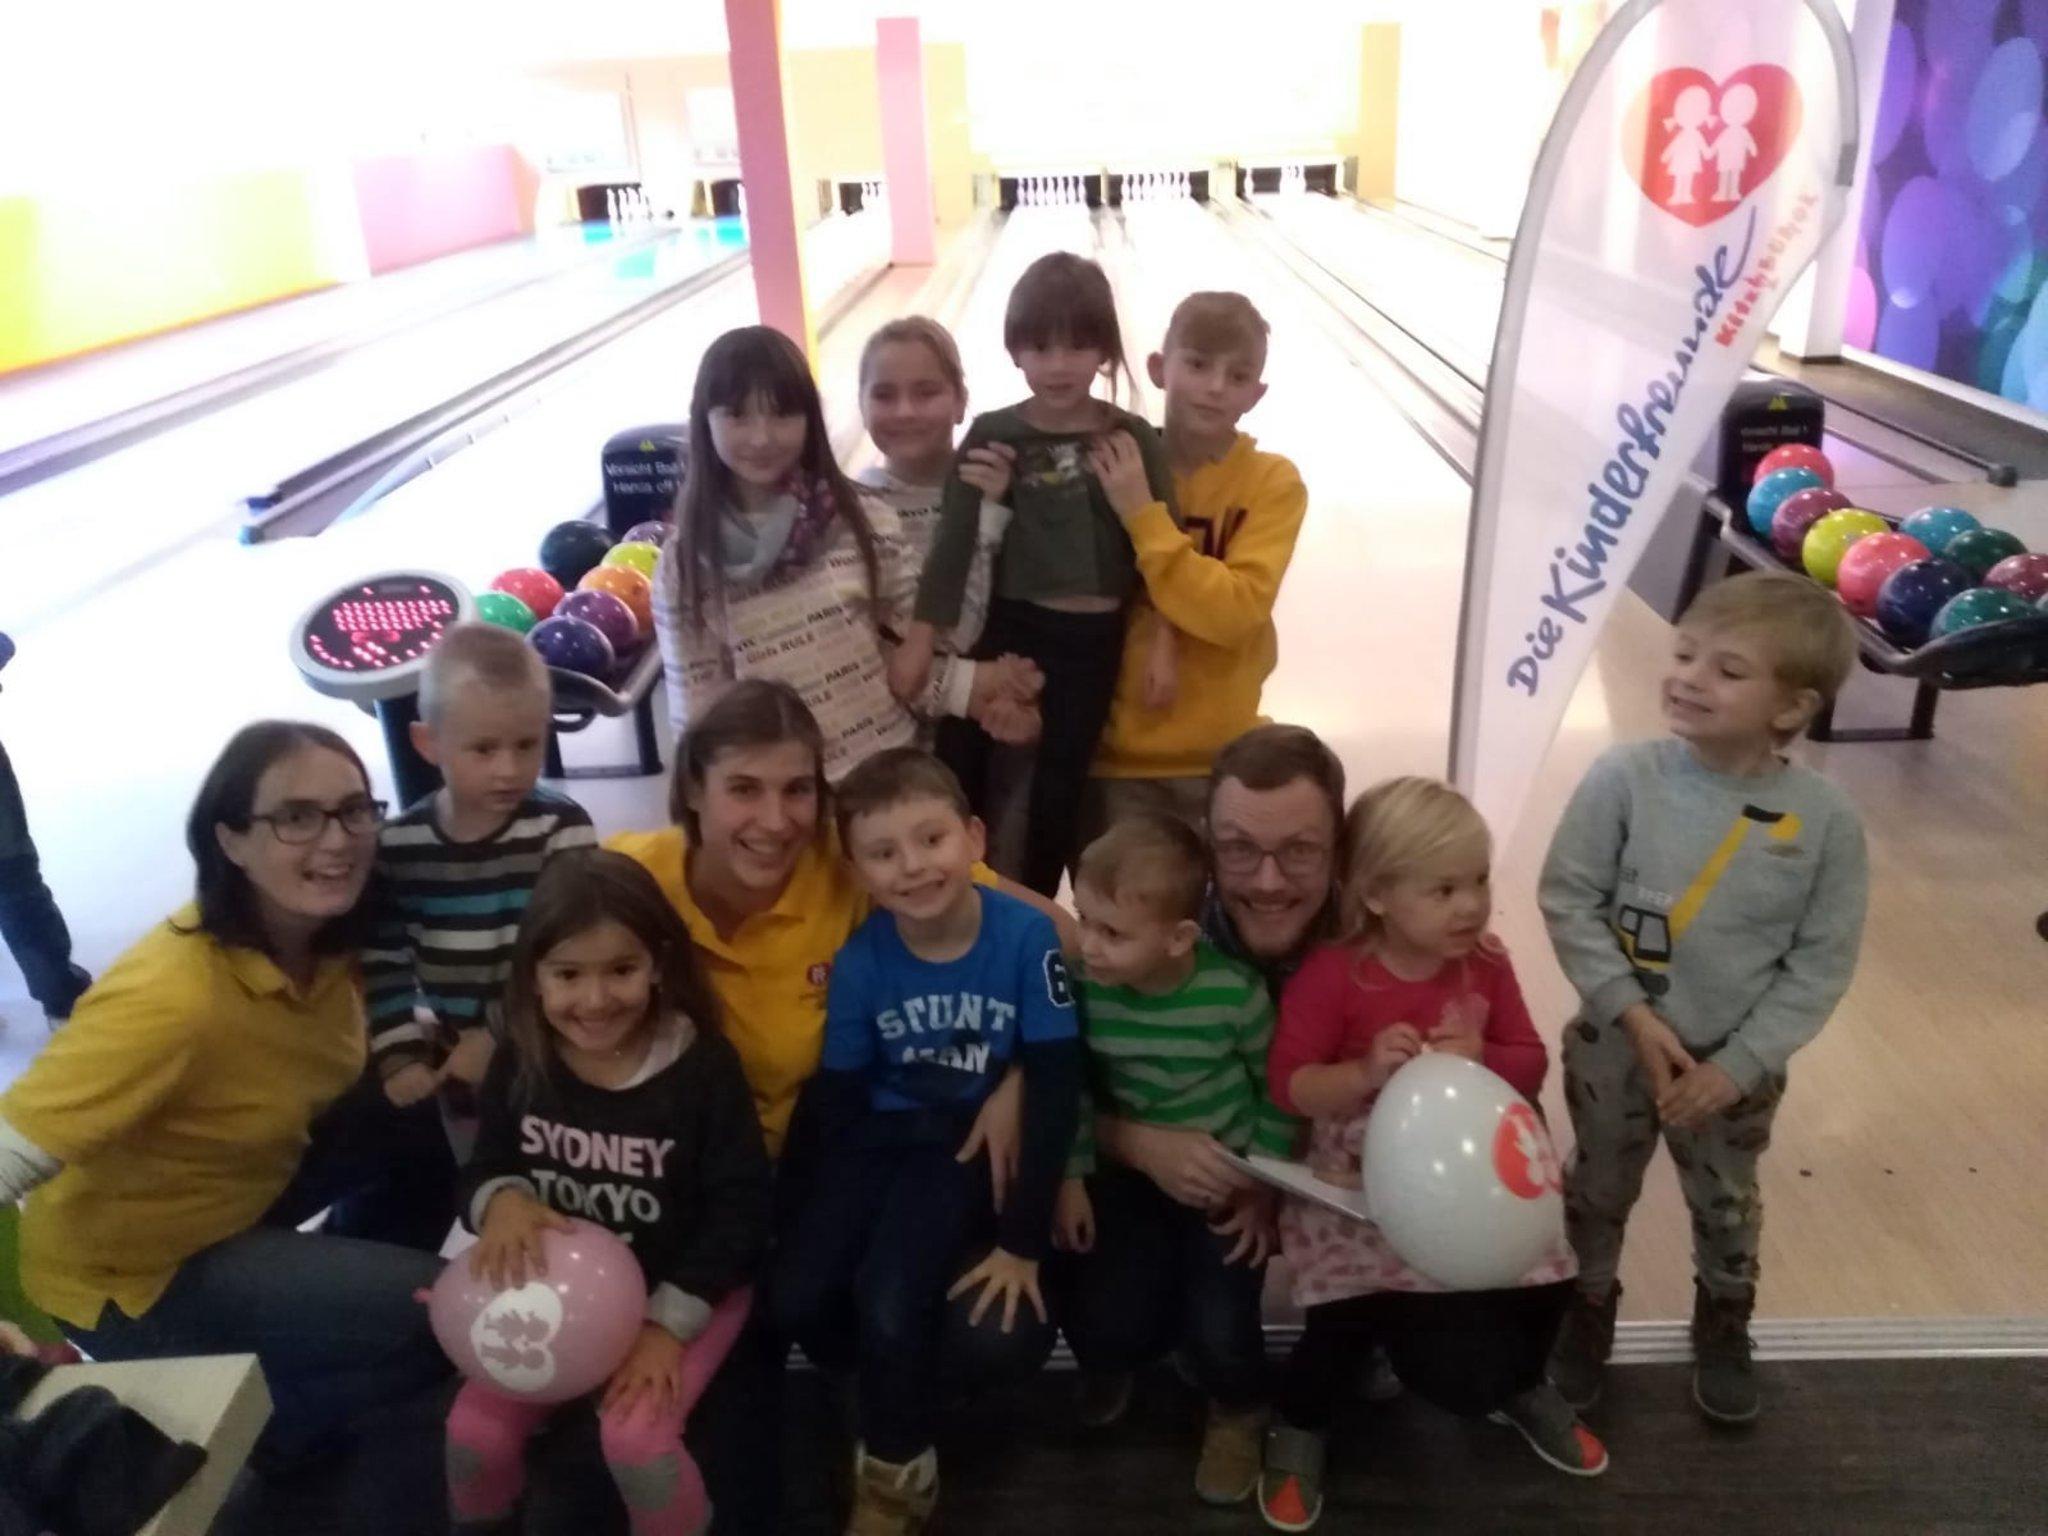 Kinderfreunde Kitzbühel: Bowling in der arena365 - Kitzbühel - meinbezirk.at